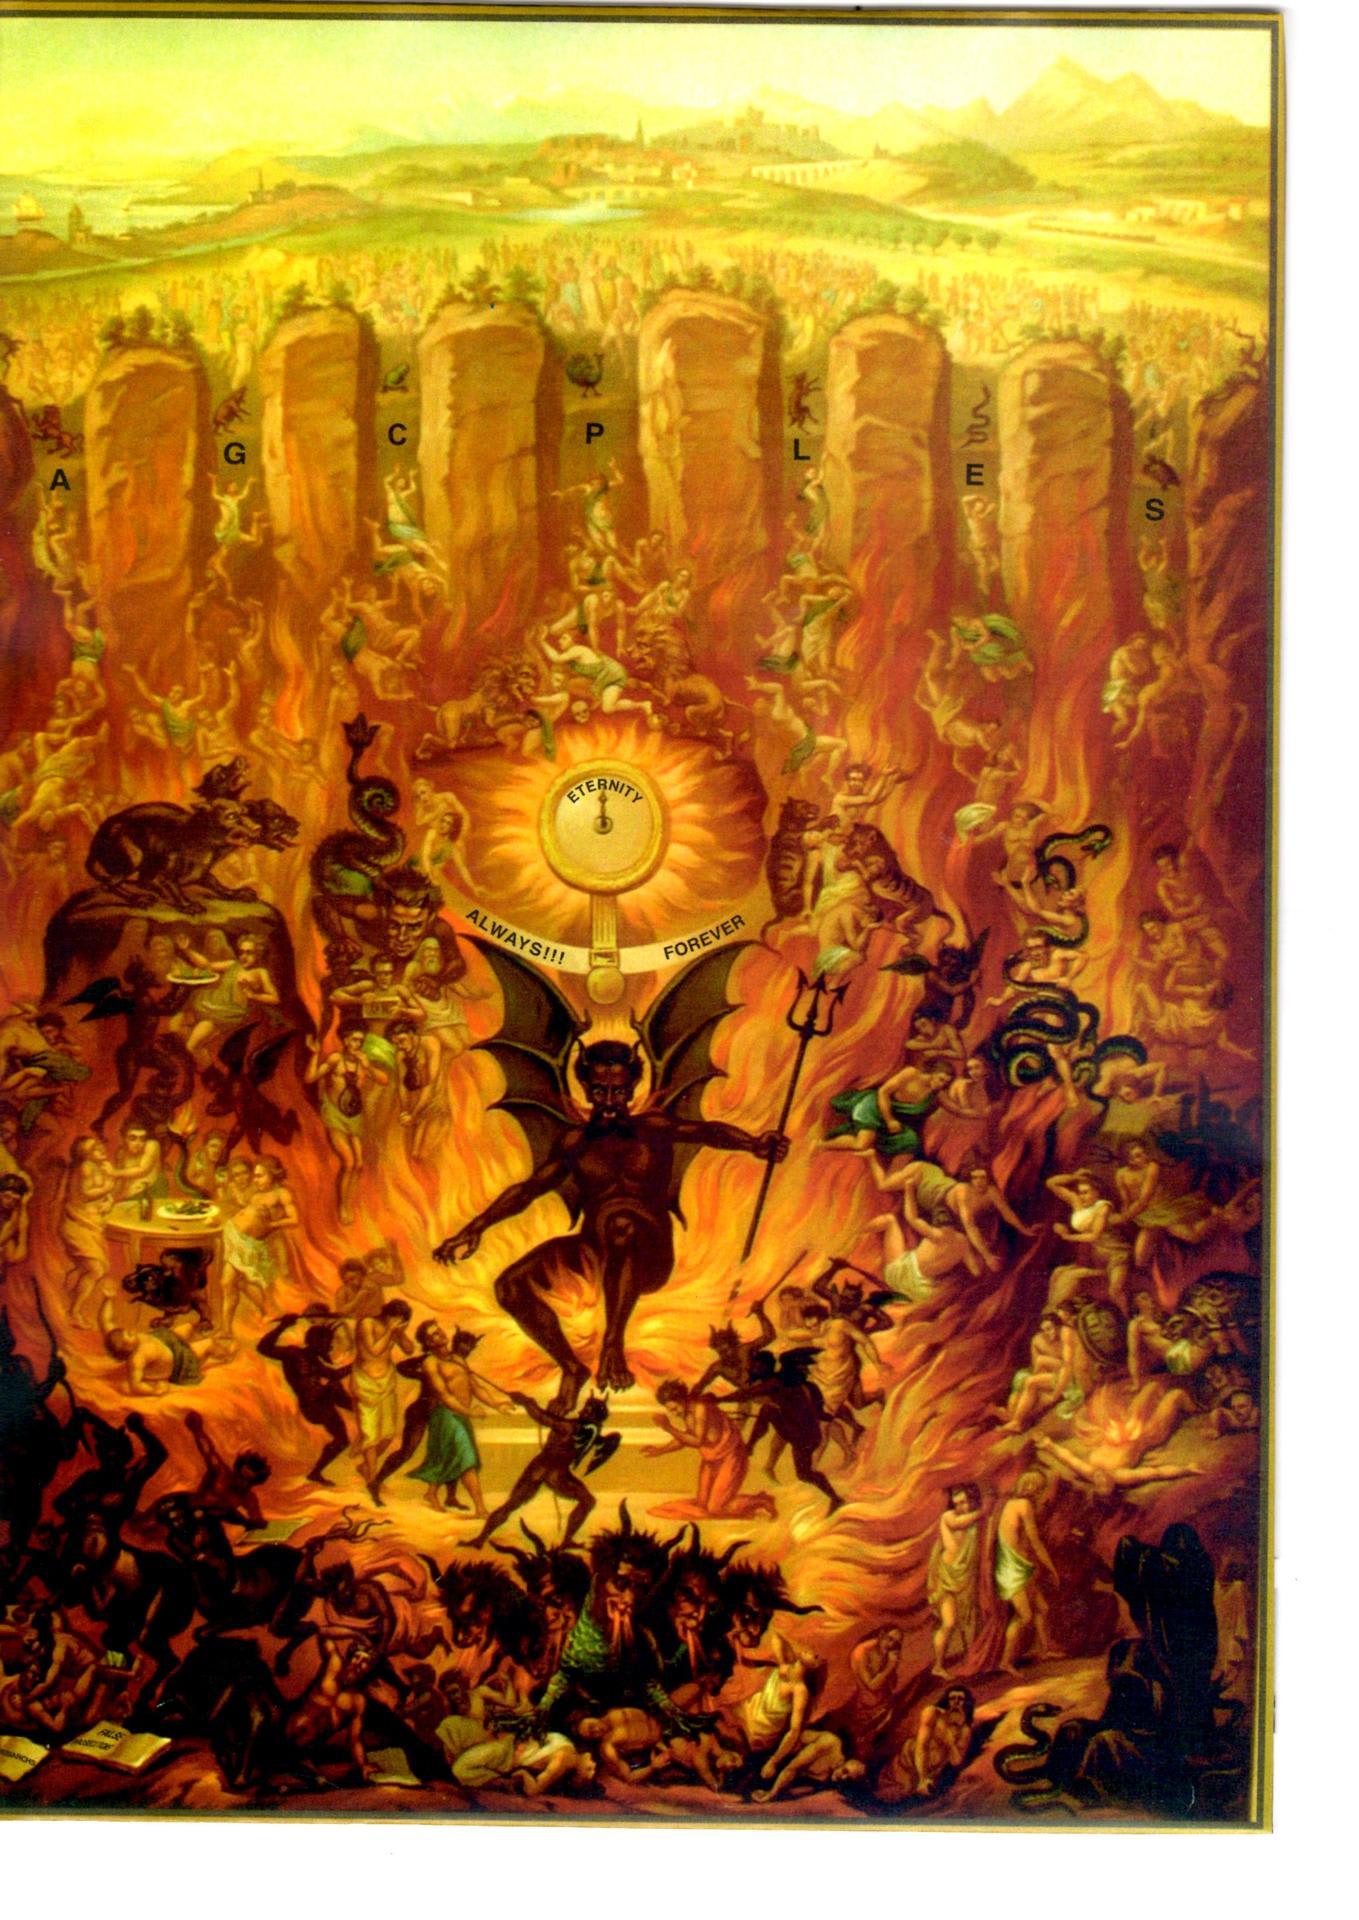 地獄 通信 ウイルス スマホ